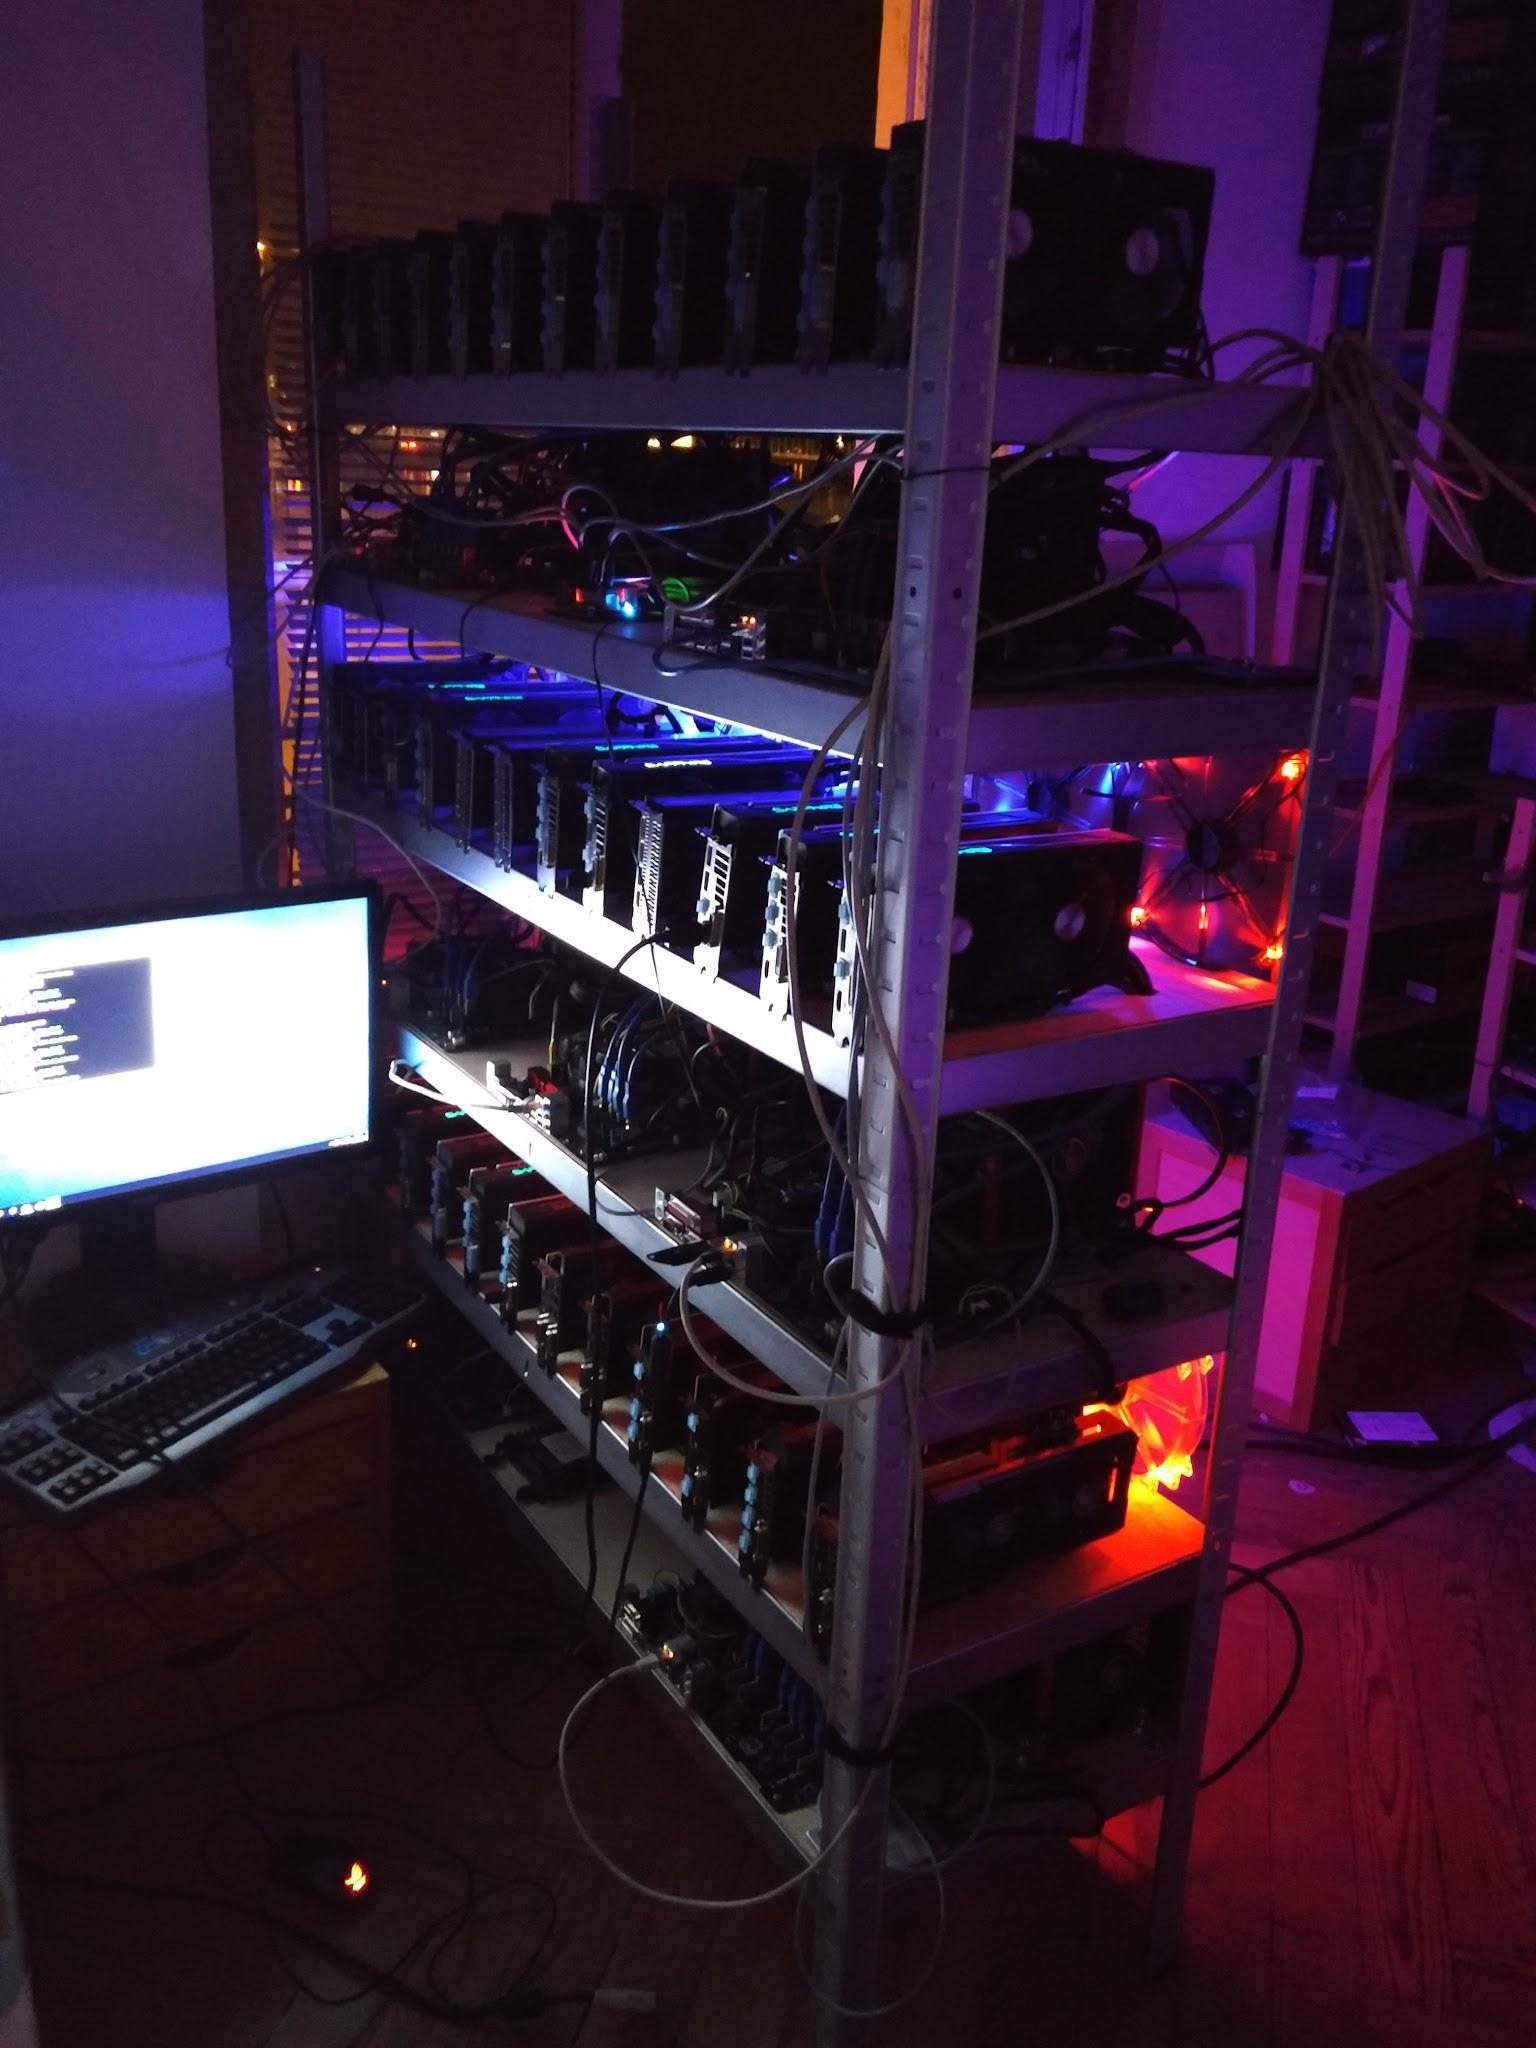 Comment construire son (Gros) rig de minage Ethereum, Zcash, Monero, cybermonnaie